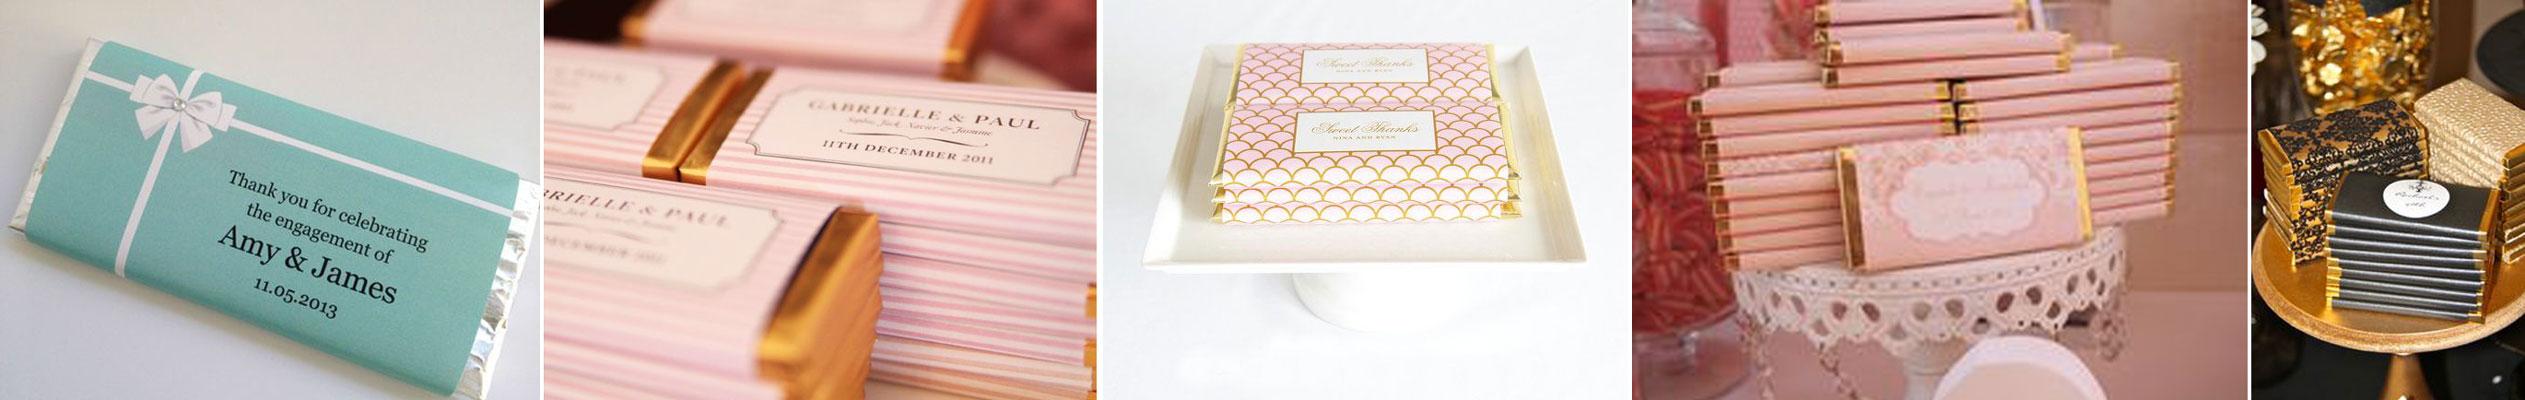 upominek dla gości wselenych - tabliczka czekolay